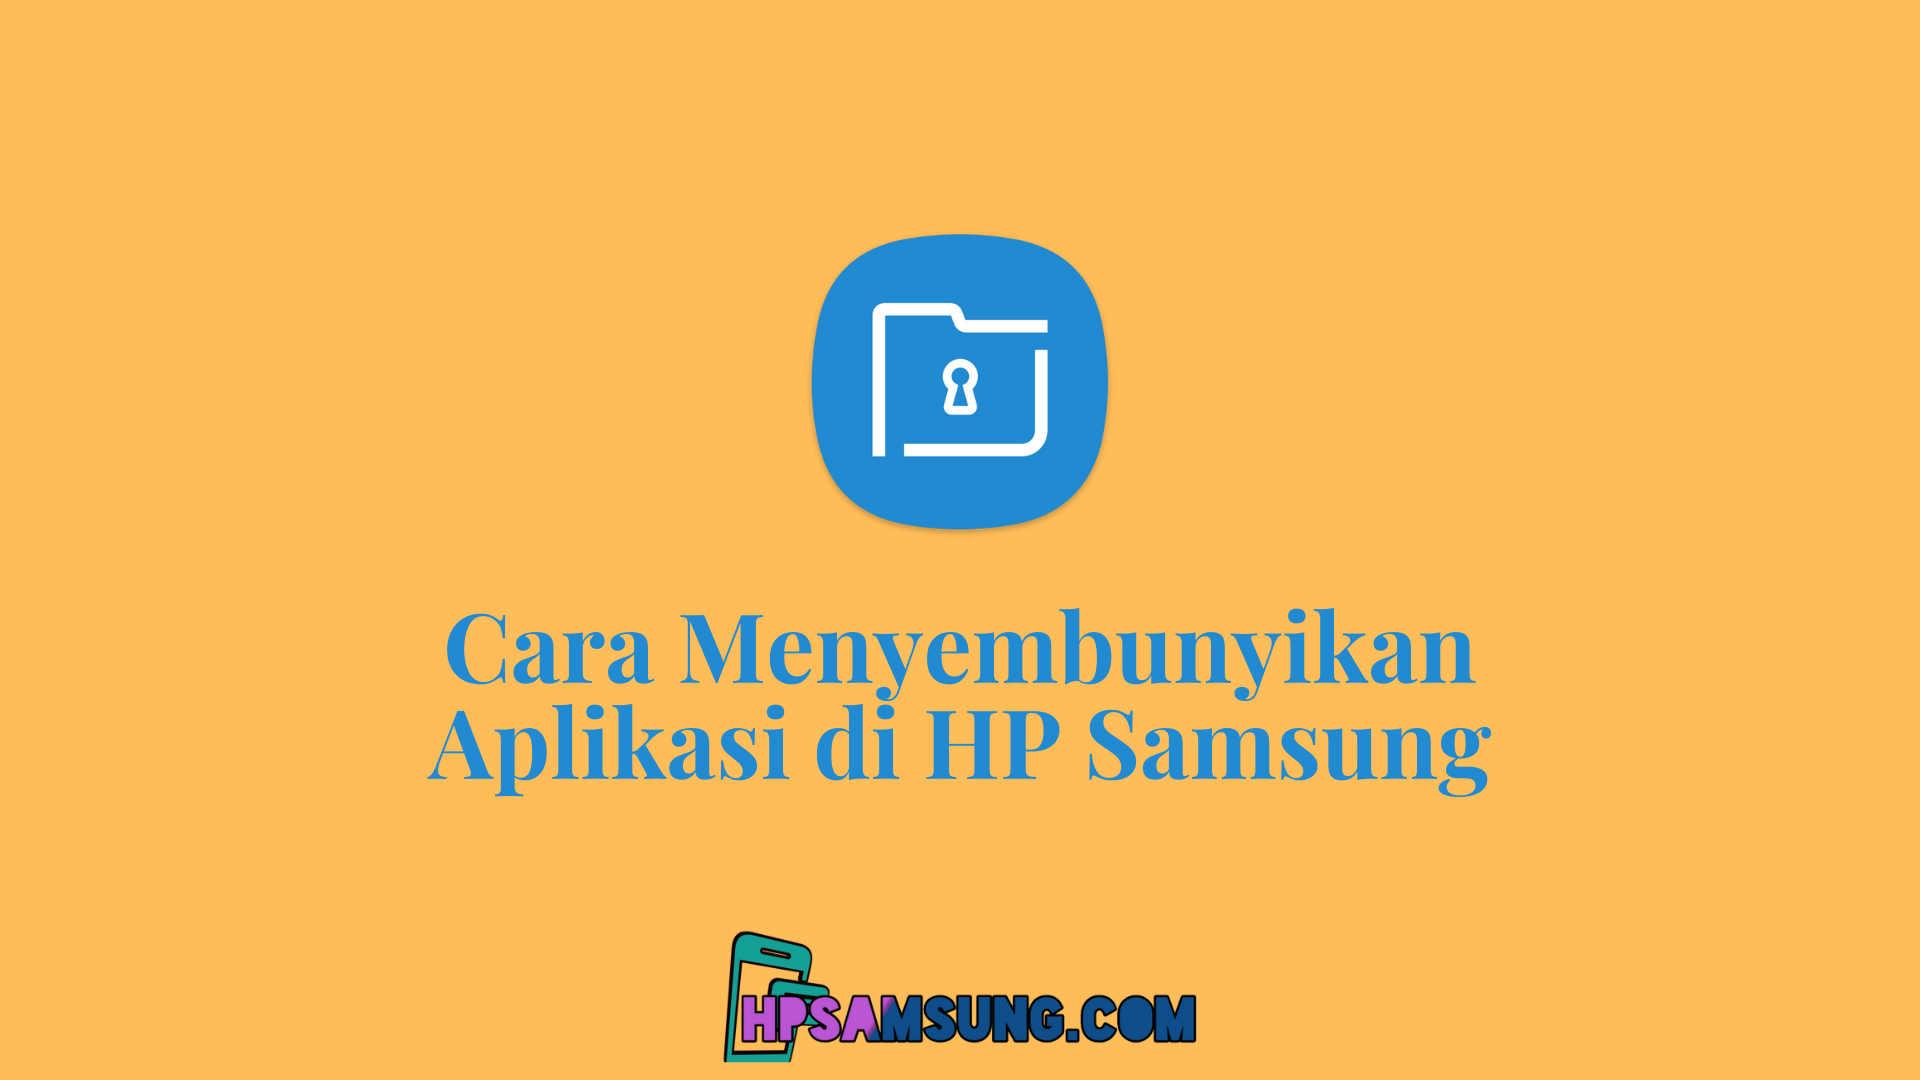 Cara Menyembunyikan Aplikasi di HP Samsung